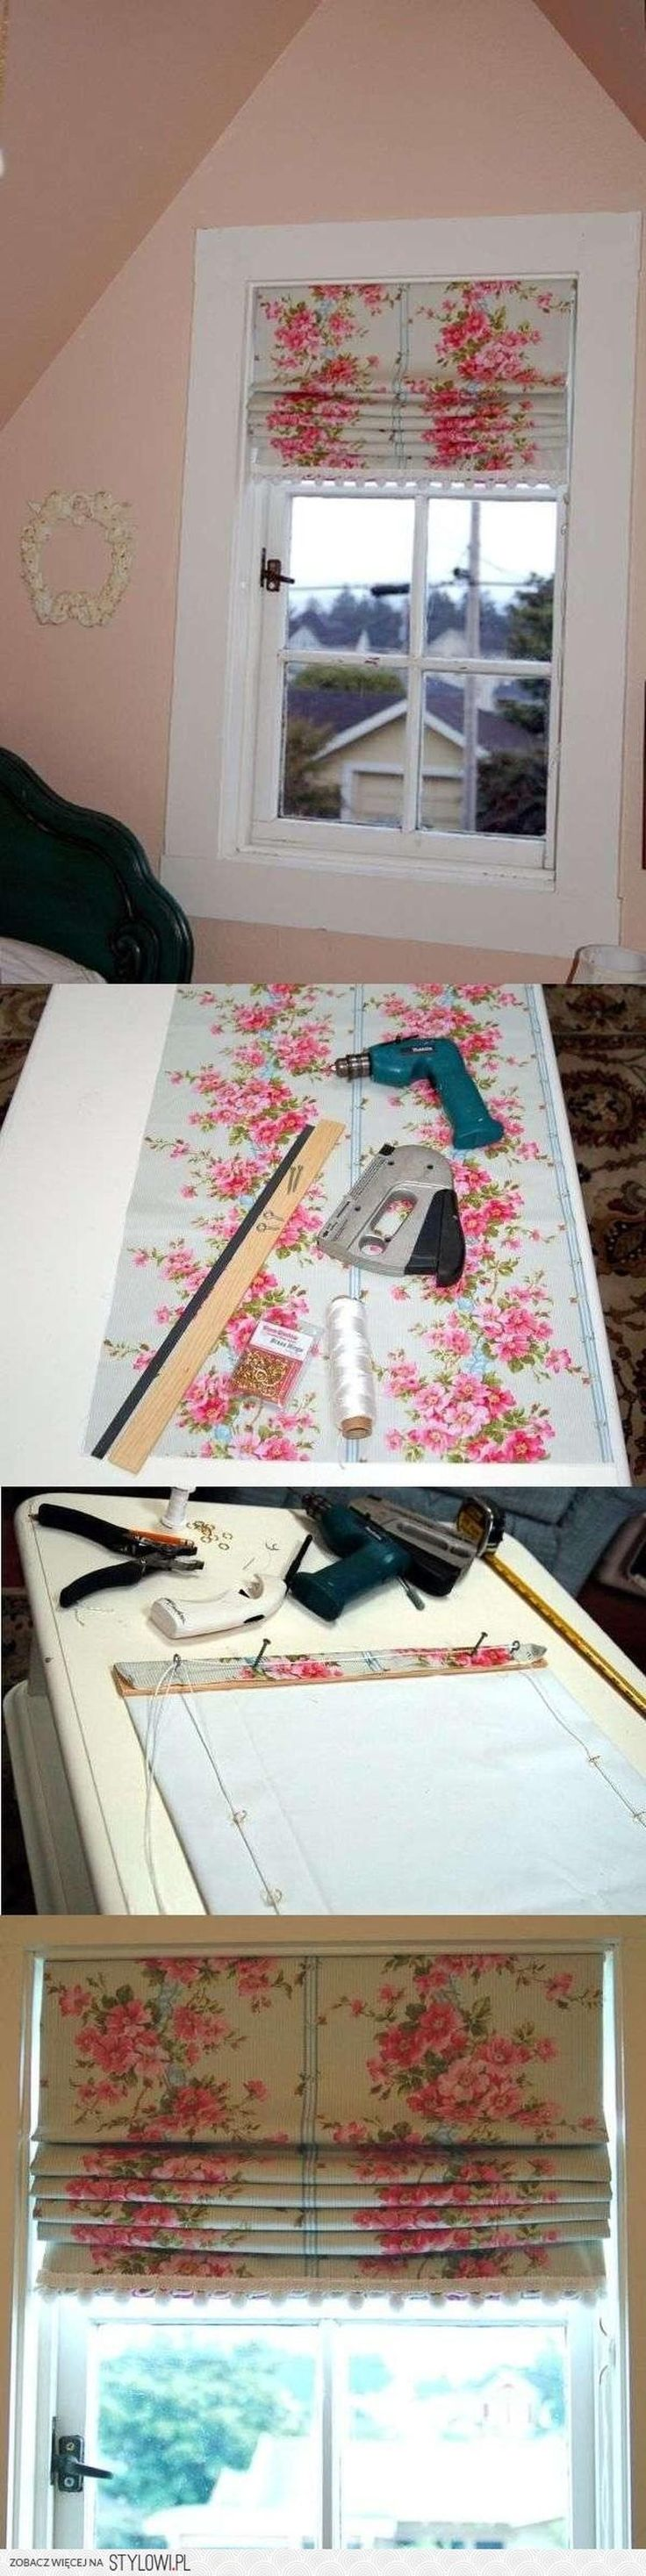 Foto: Zó maak je zelf een ophaalgordijn! Foto=tutorial!. Geplaatst door mathilde.mathilde.39 op Welke.nl